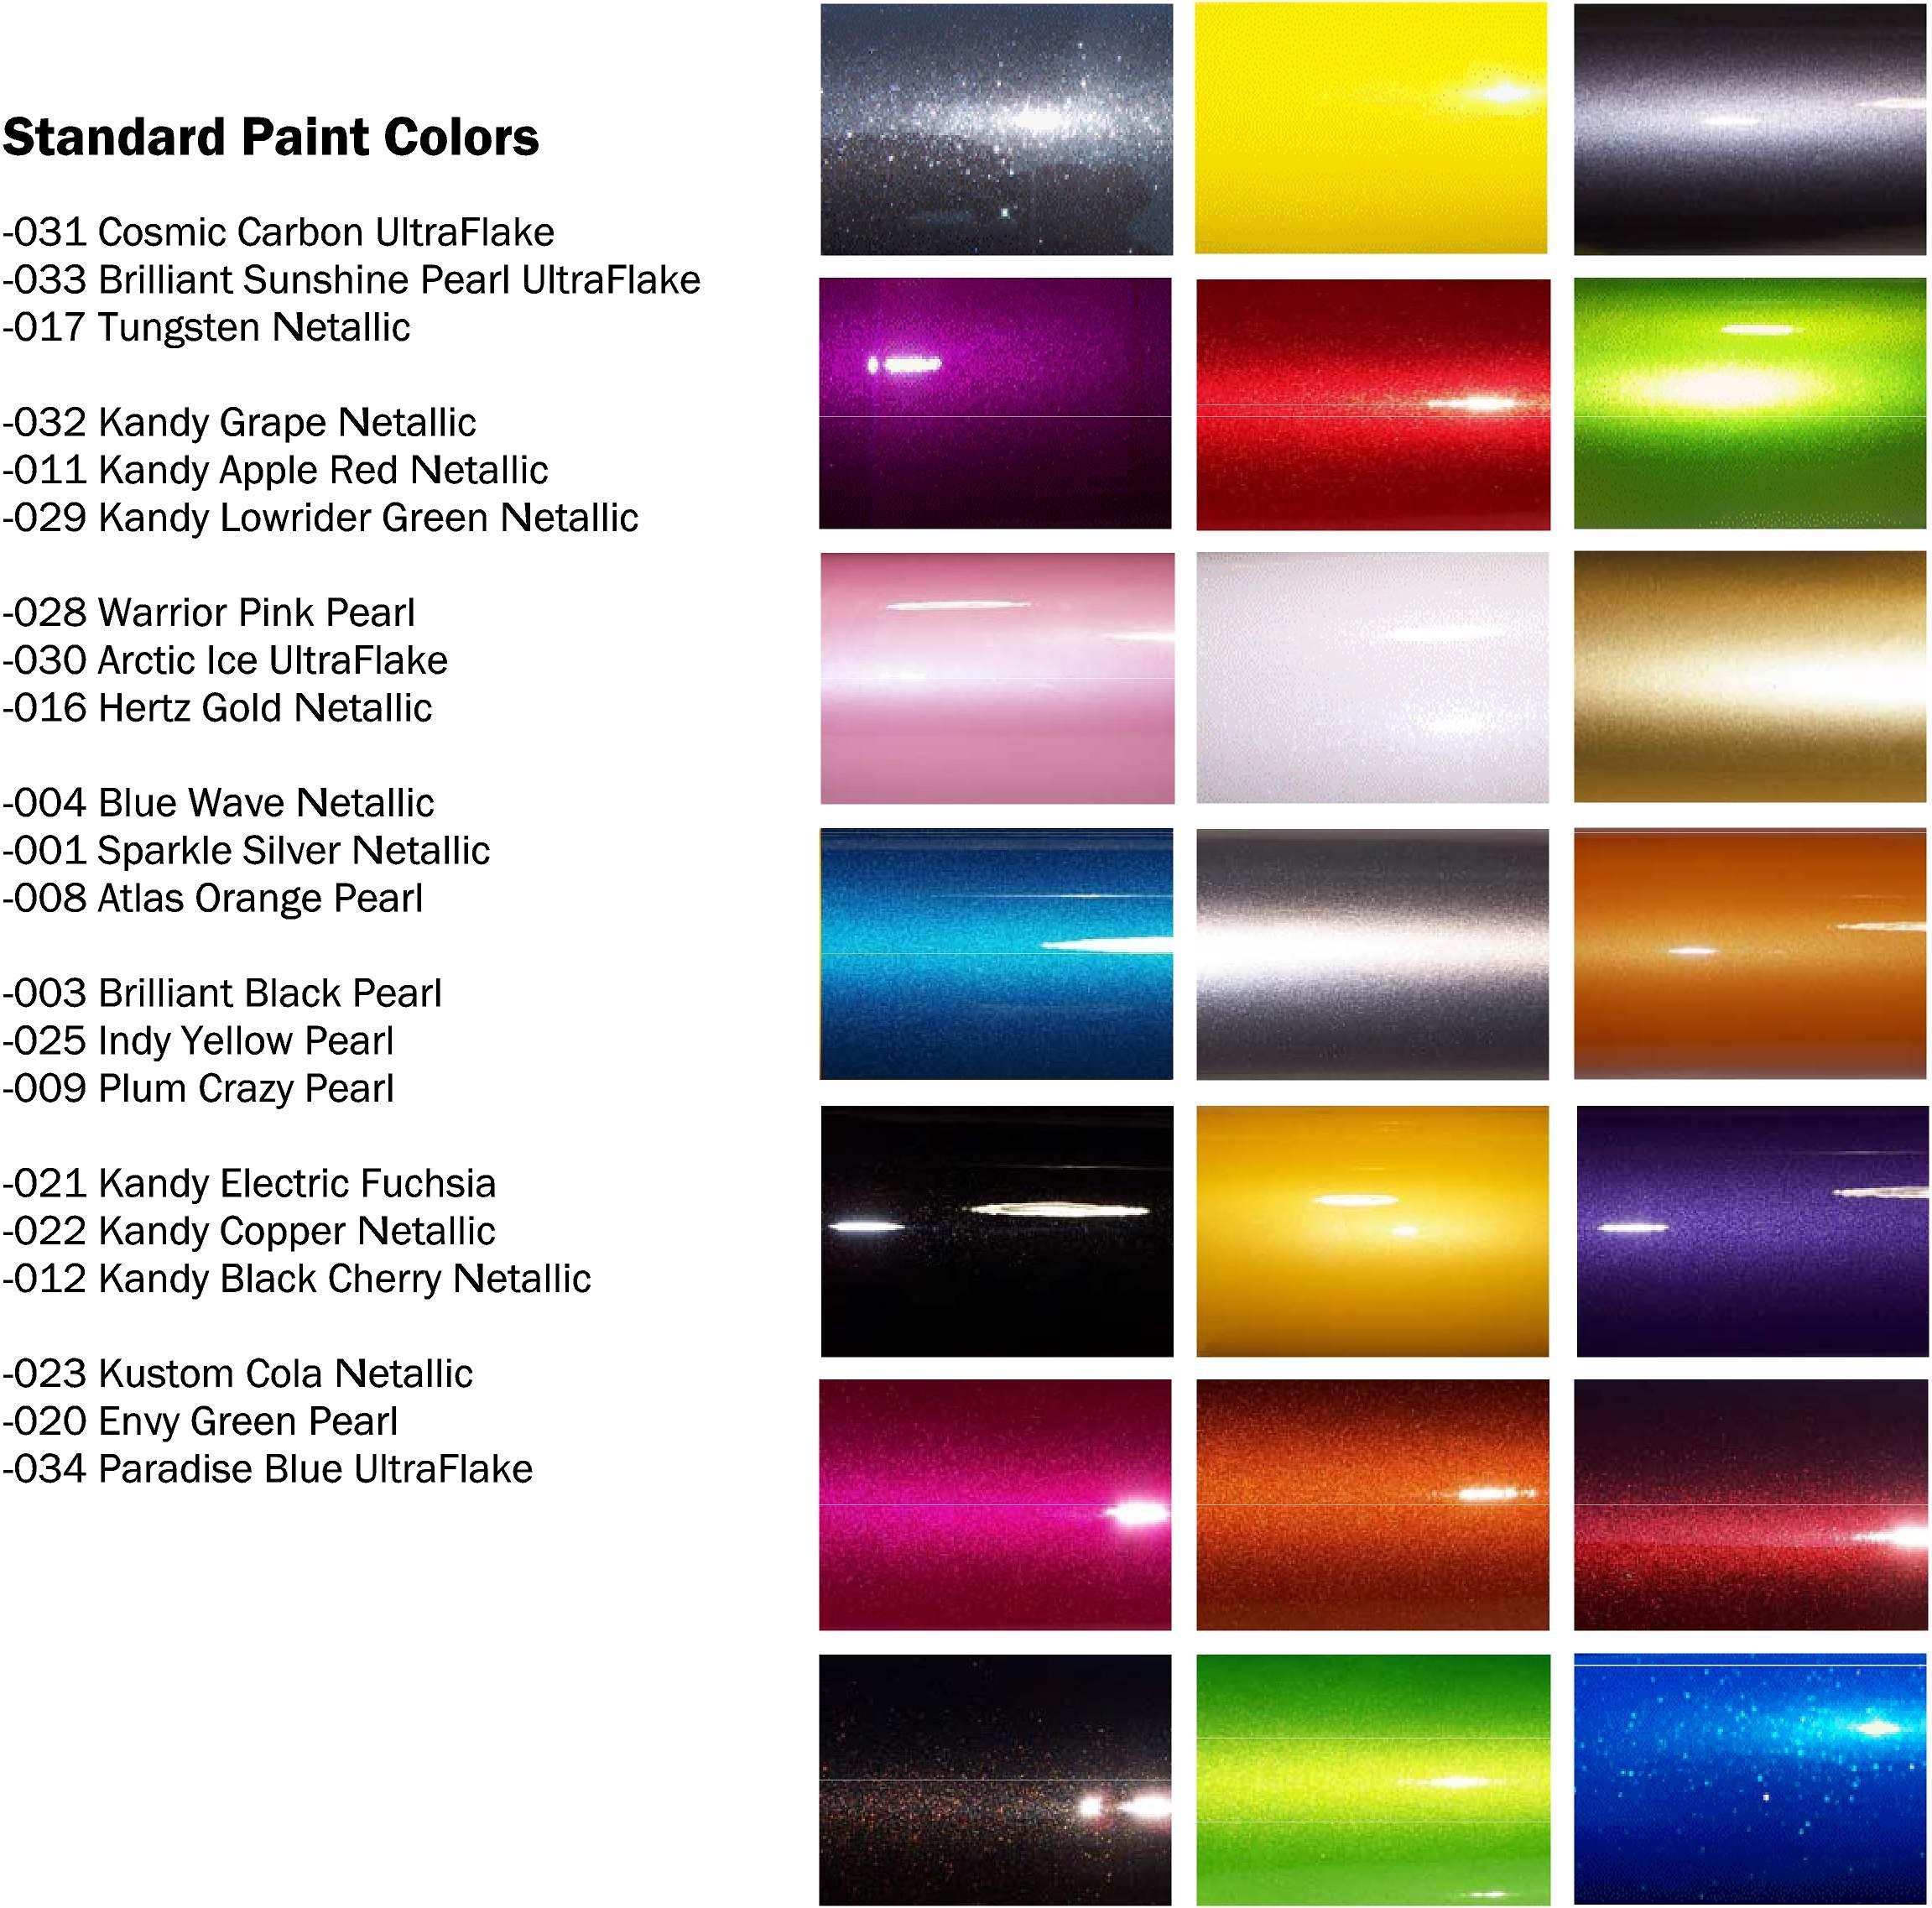 Automotive paint colors more